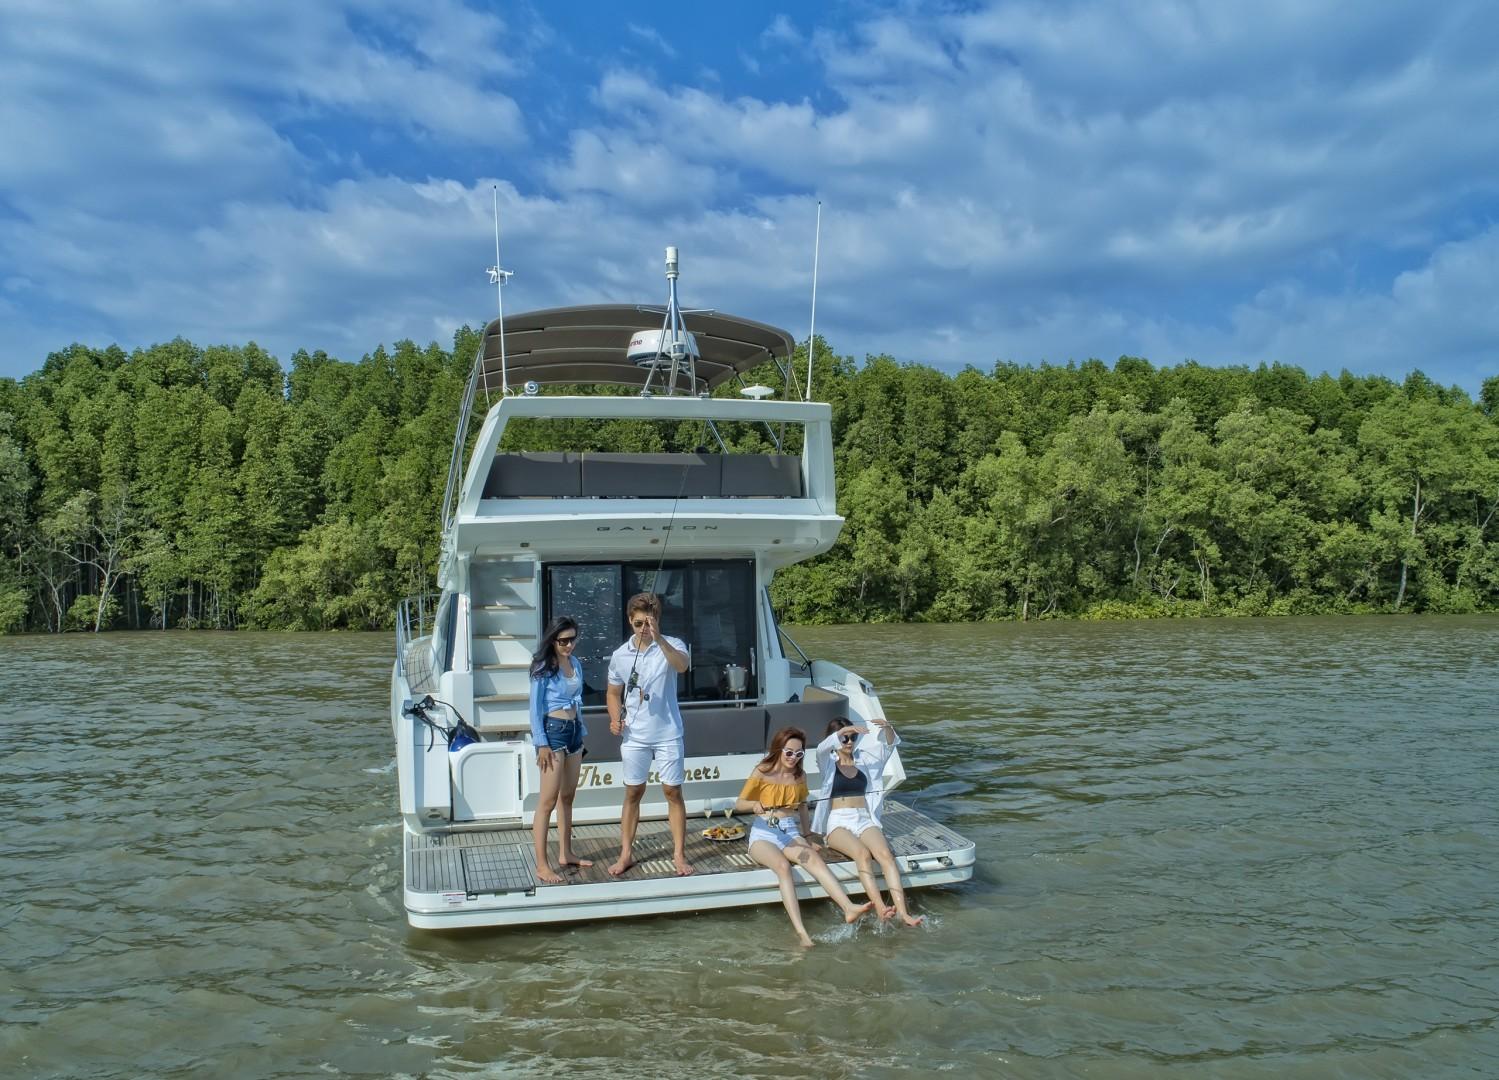 Tour Du Thuyền Tham Quan Rừng Ngập Mặn Cần Giờ 1 Ngày